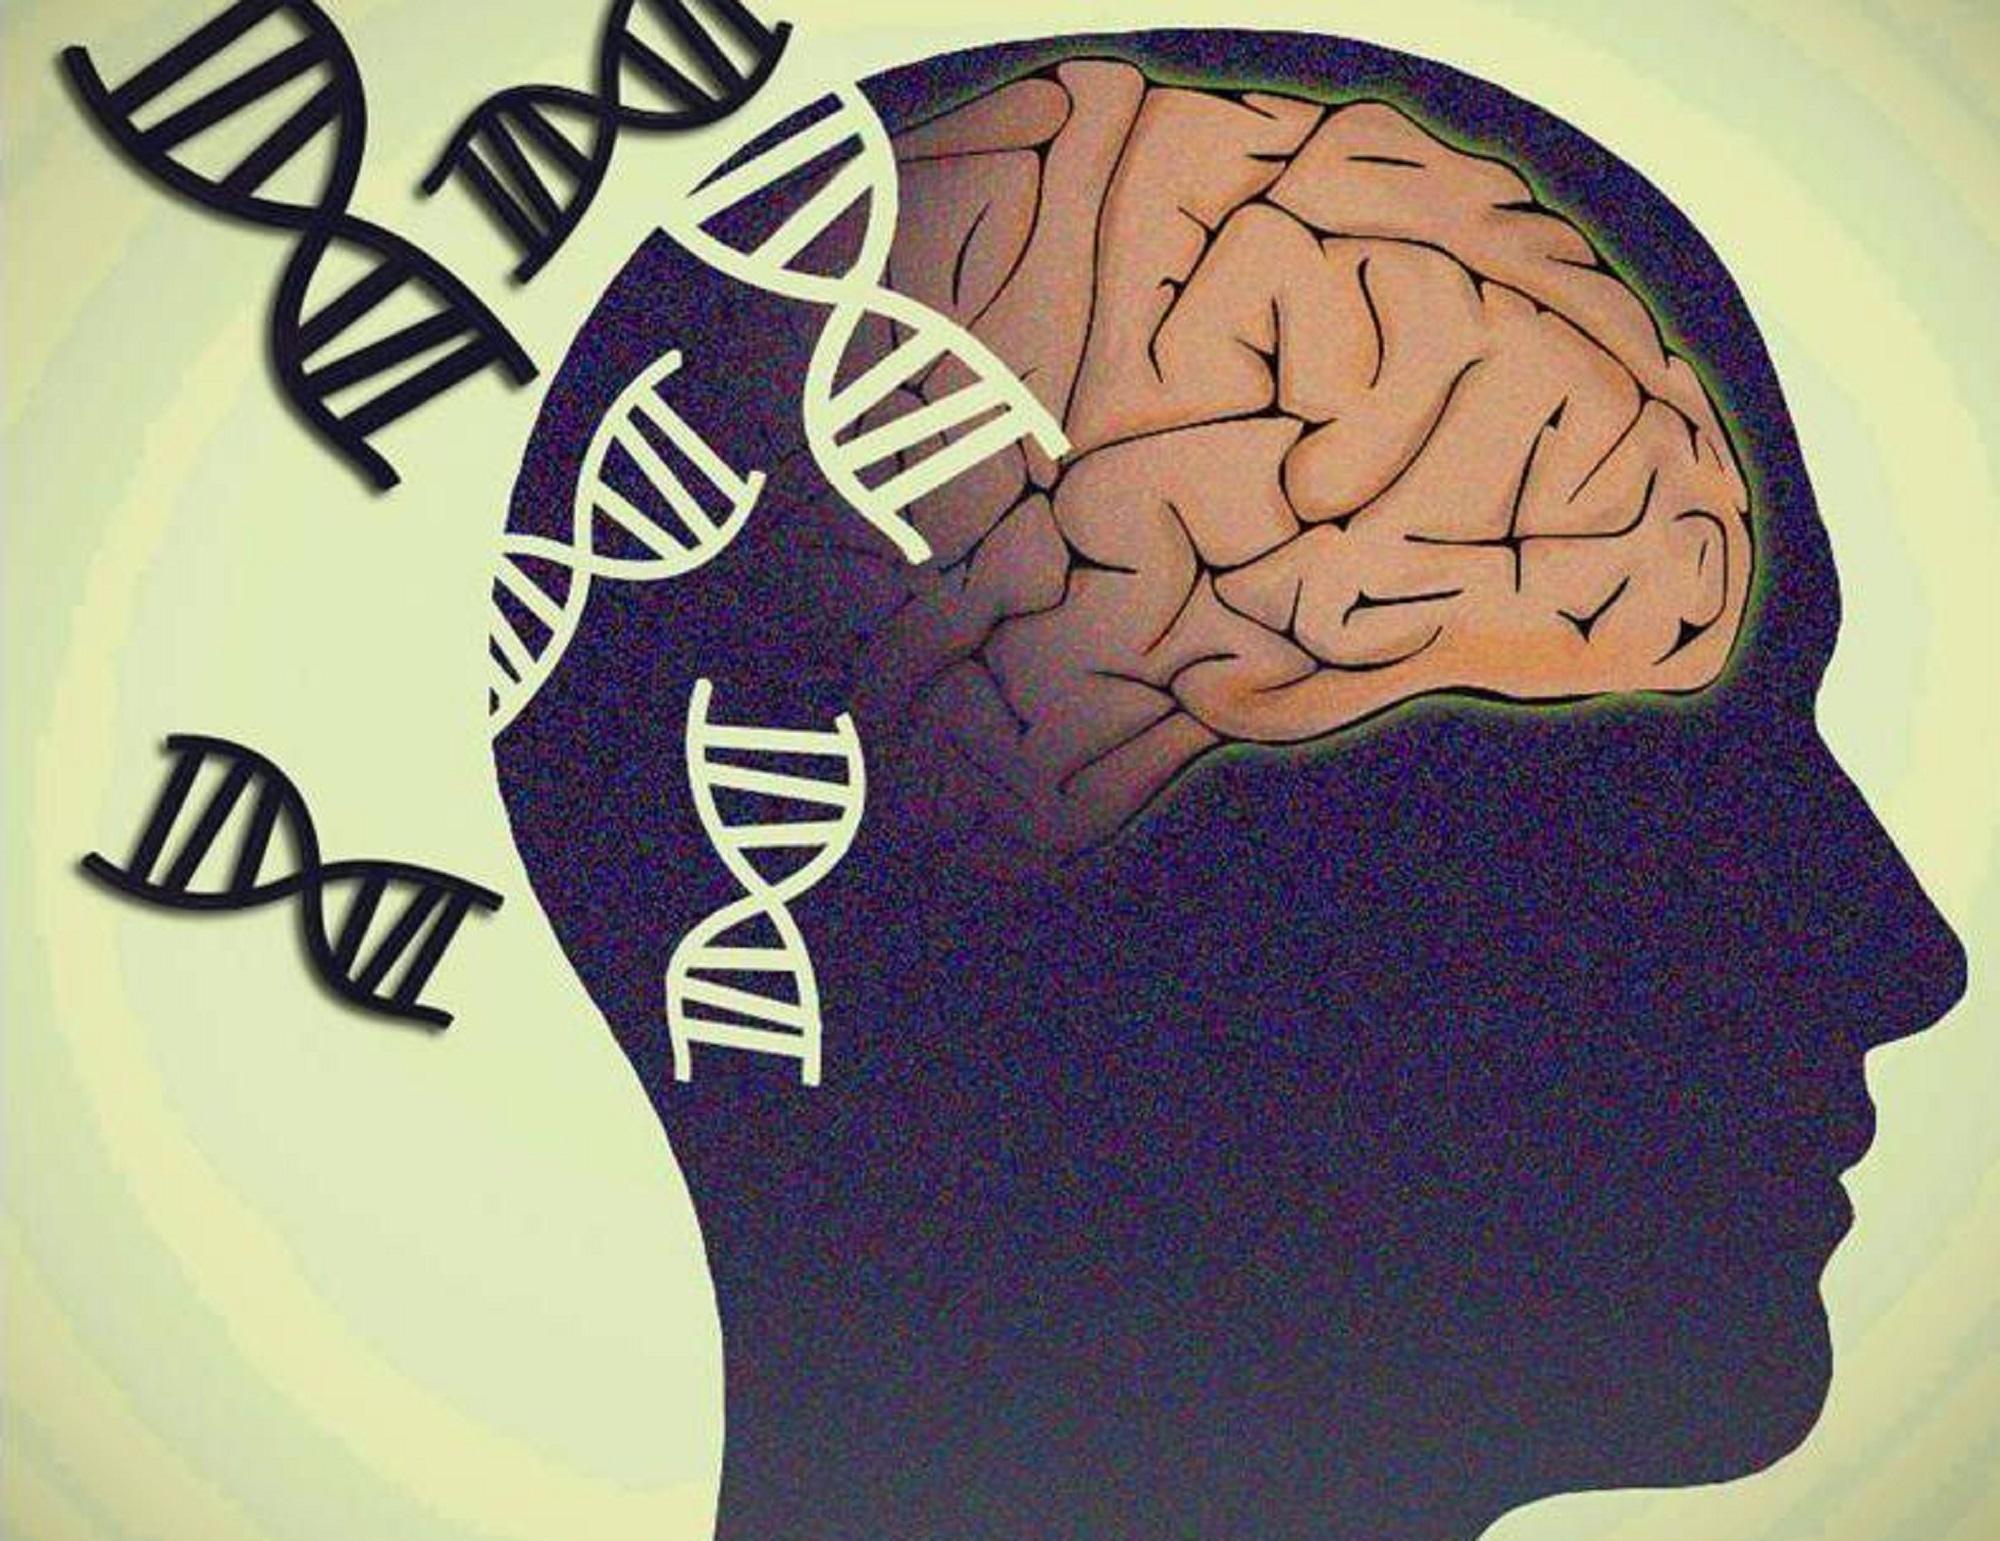 ژنتیک و اسکیزوفرنی : نقش ژنتیک در ابتلا به اسکیزوفرنی